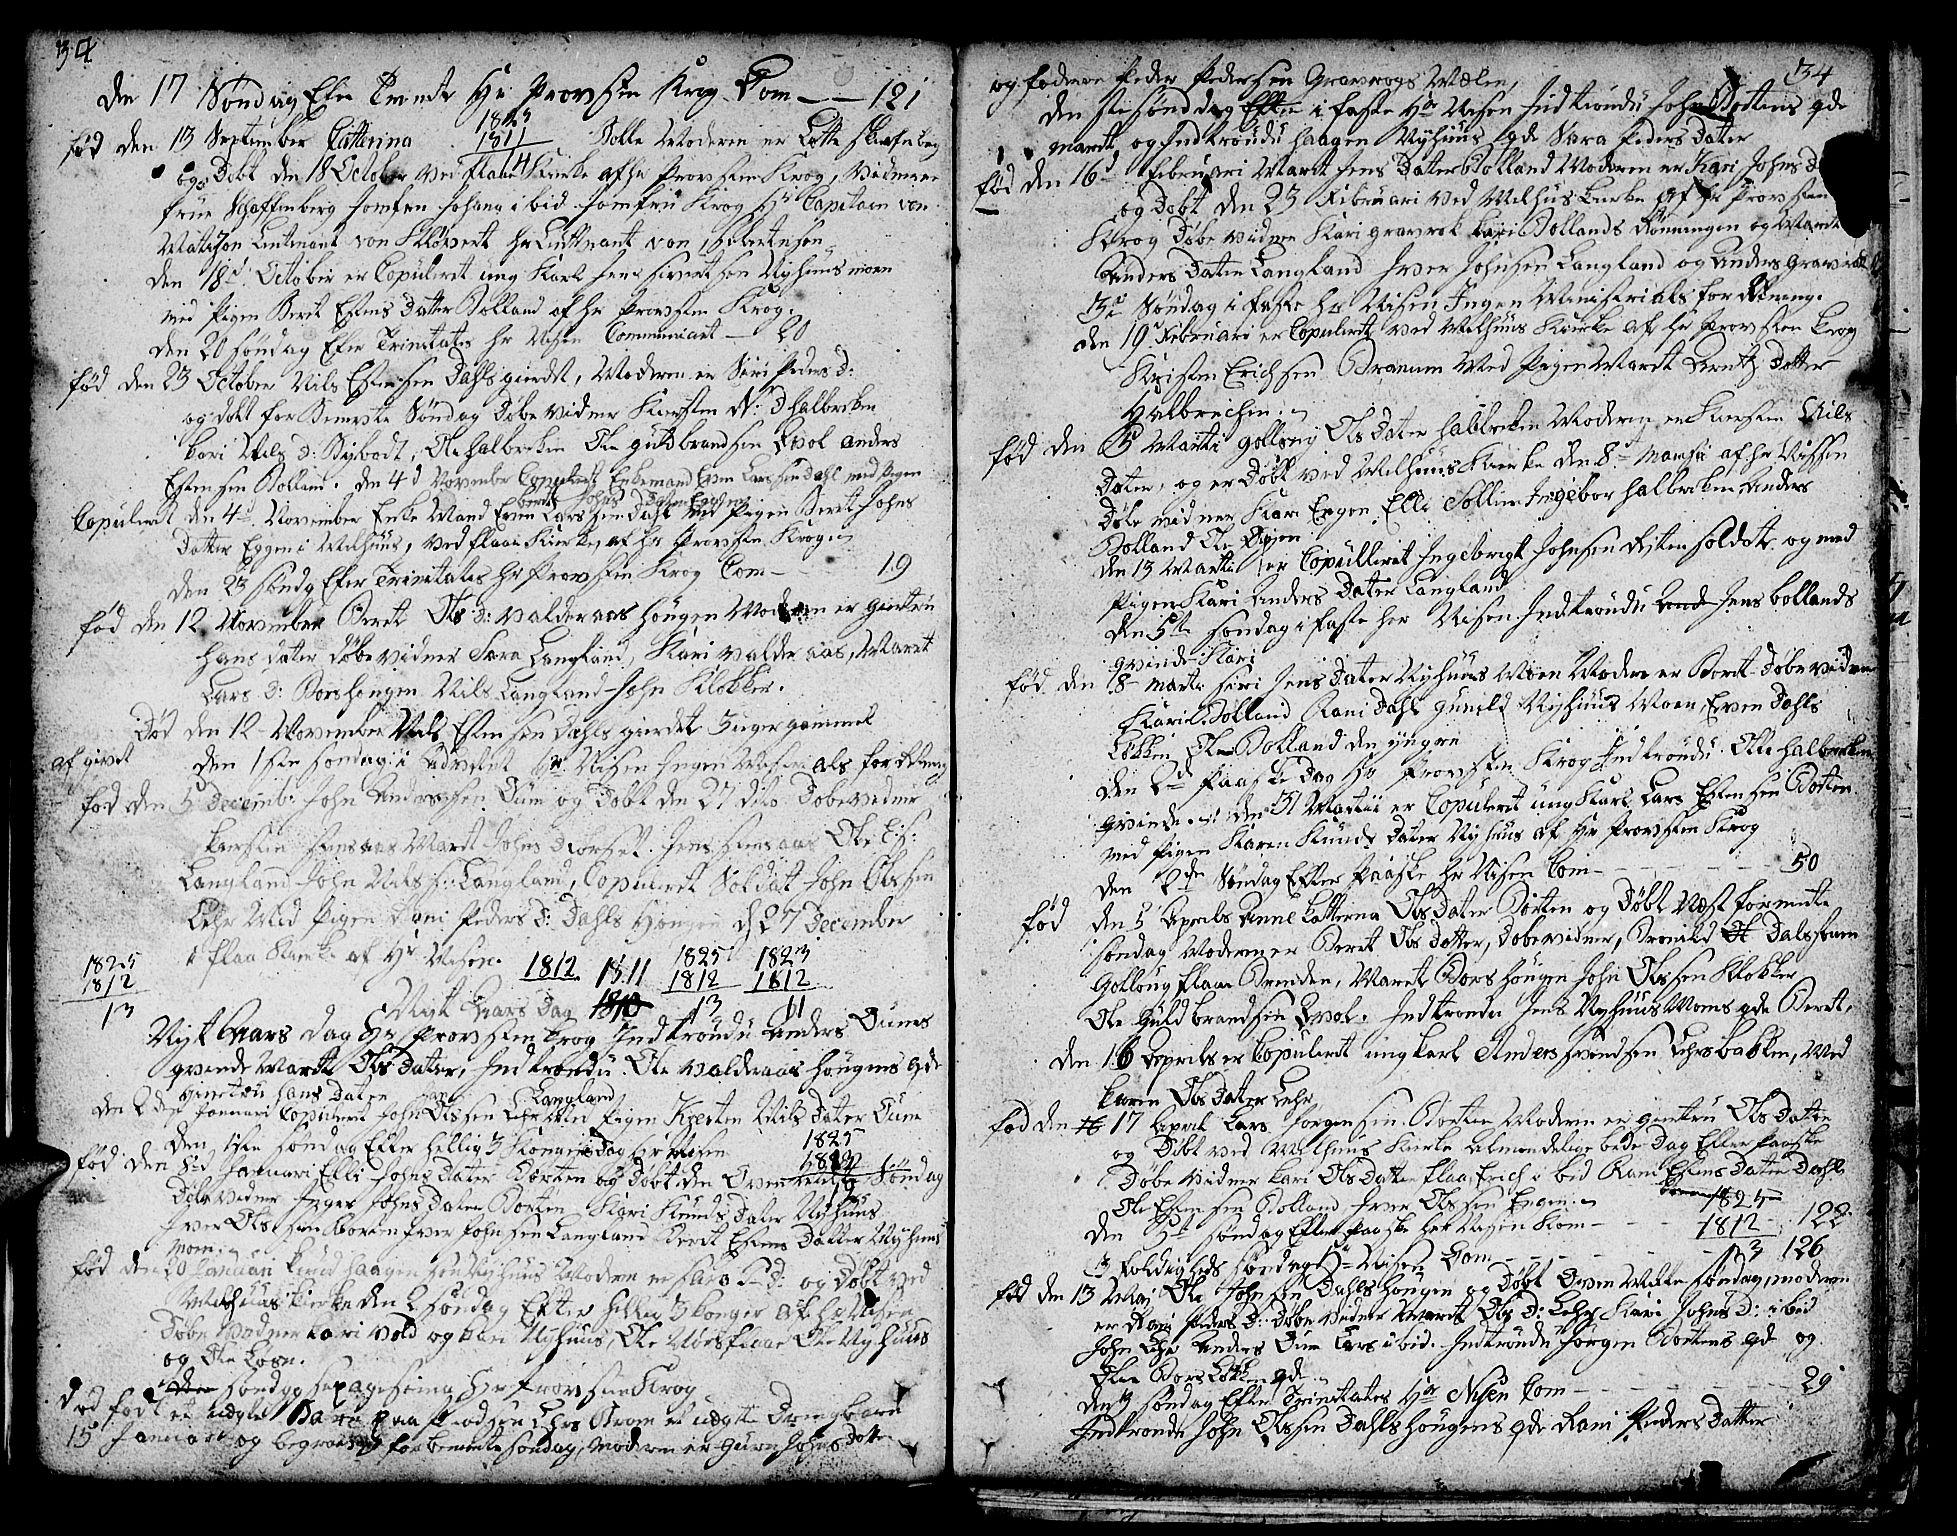 SAT, Ministerialprotokoller, klokkerbøker og fødselsregistre - Sør-Trøndelag, 693/L1120: Klokkerbok nr. 693C01, 1799-1816, s. 34a-34b